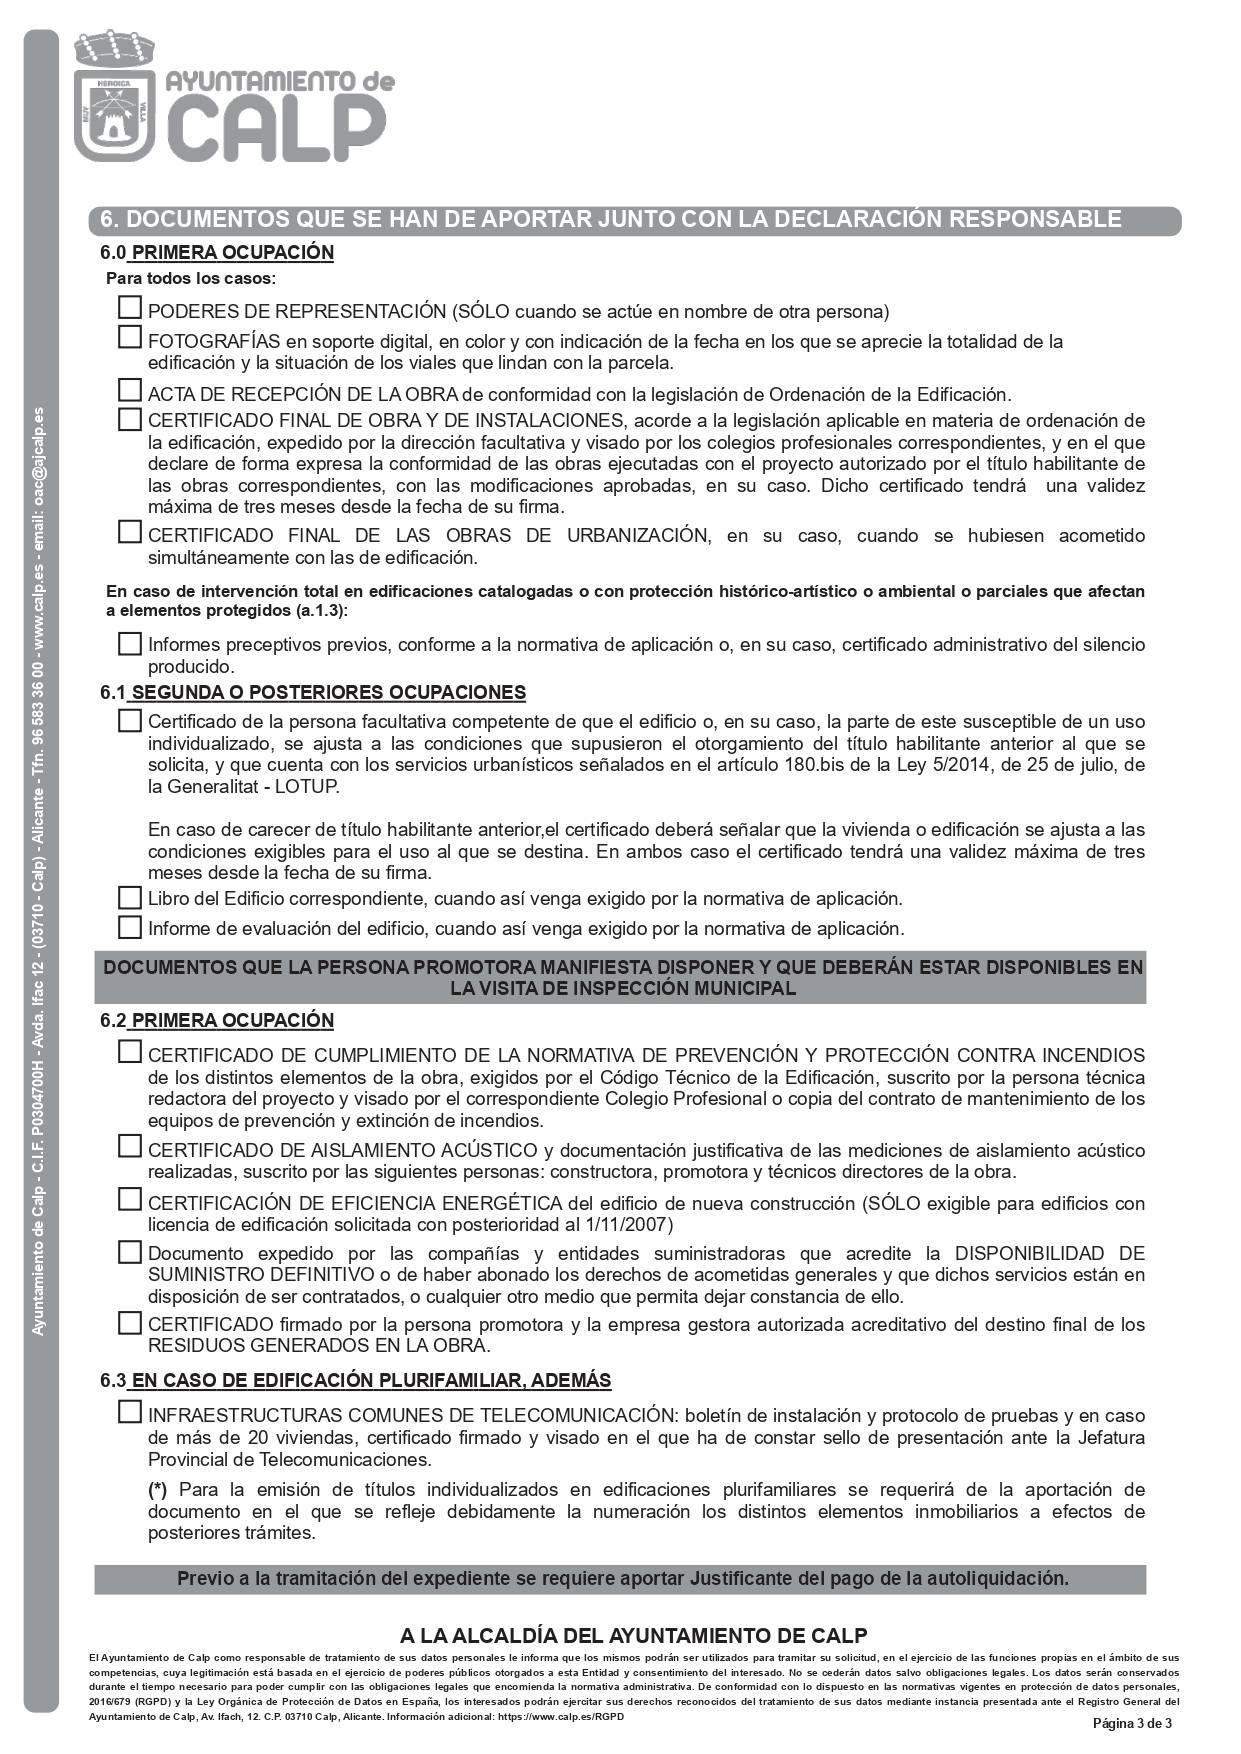 Declaración Responsable Segunda Ocupación Calpe